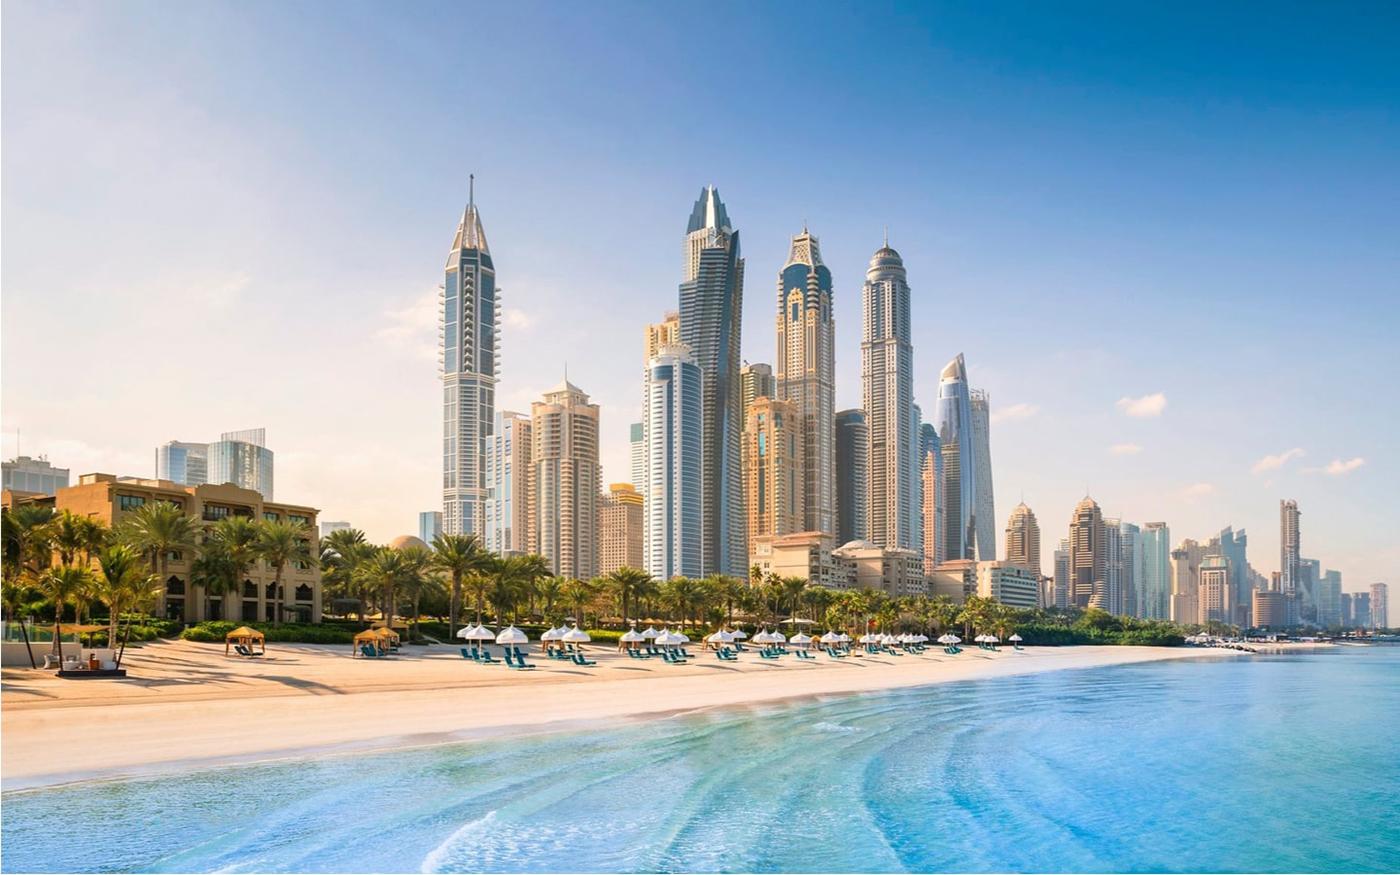 سياحة دبي تفتح زيارة الشواطئ الفندقية لغير النزلاء